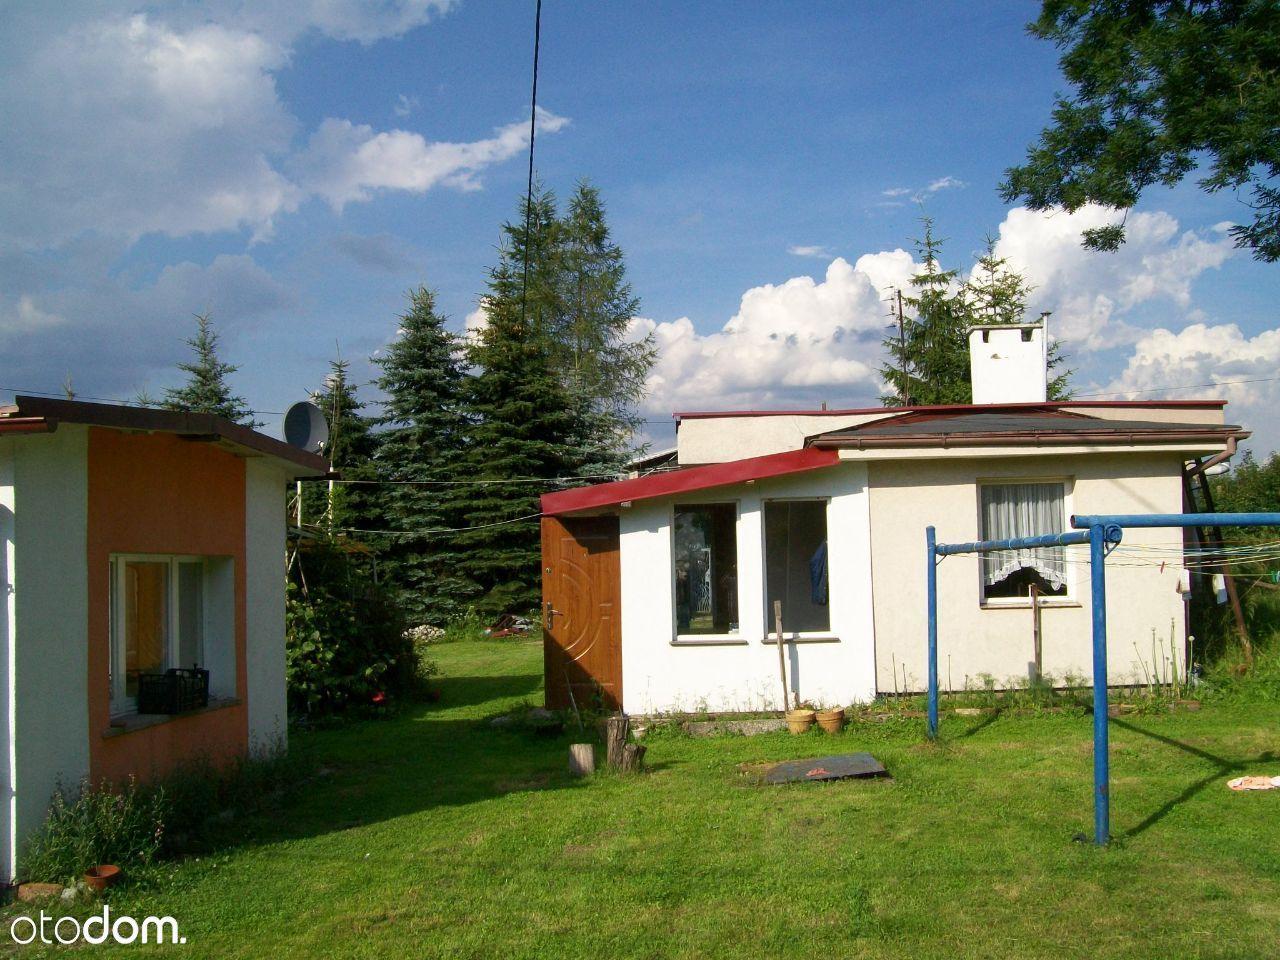 Dom na sprzedaż, Unisław Śląski, wałbrzyski, dolnośląskie - Foto 10